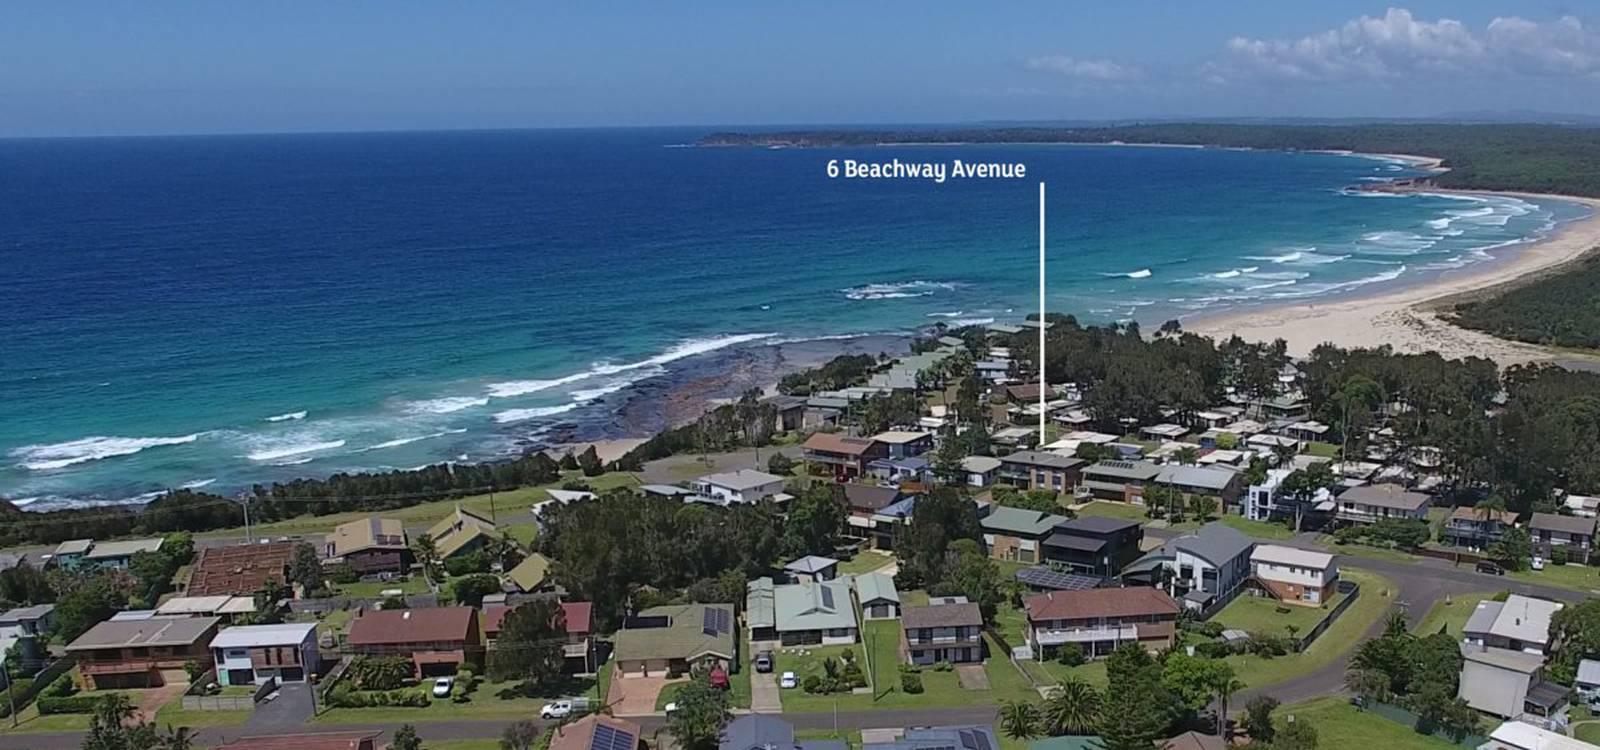 6 Beachway Avenue BERRARA, NSW 2540 - photo 1